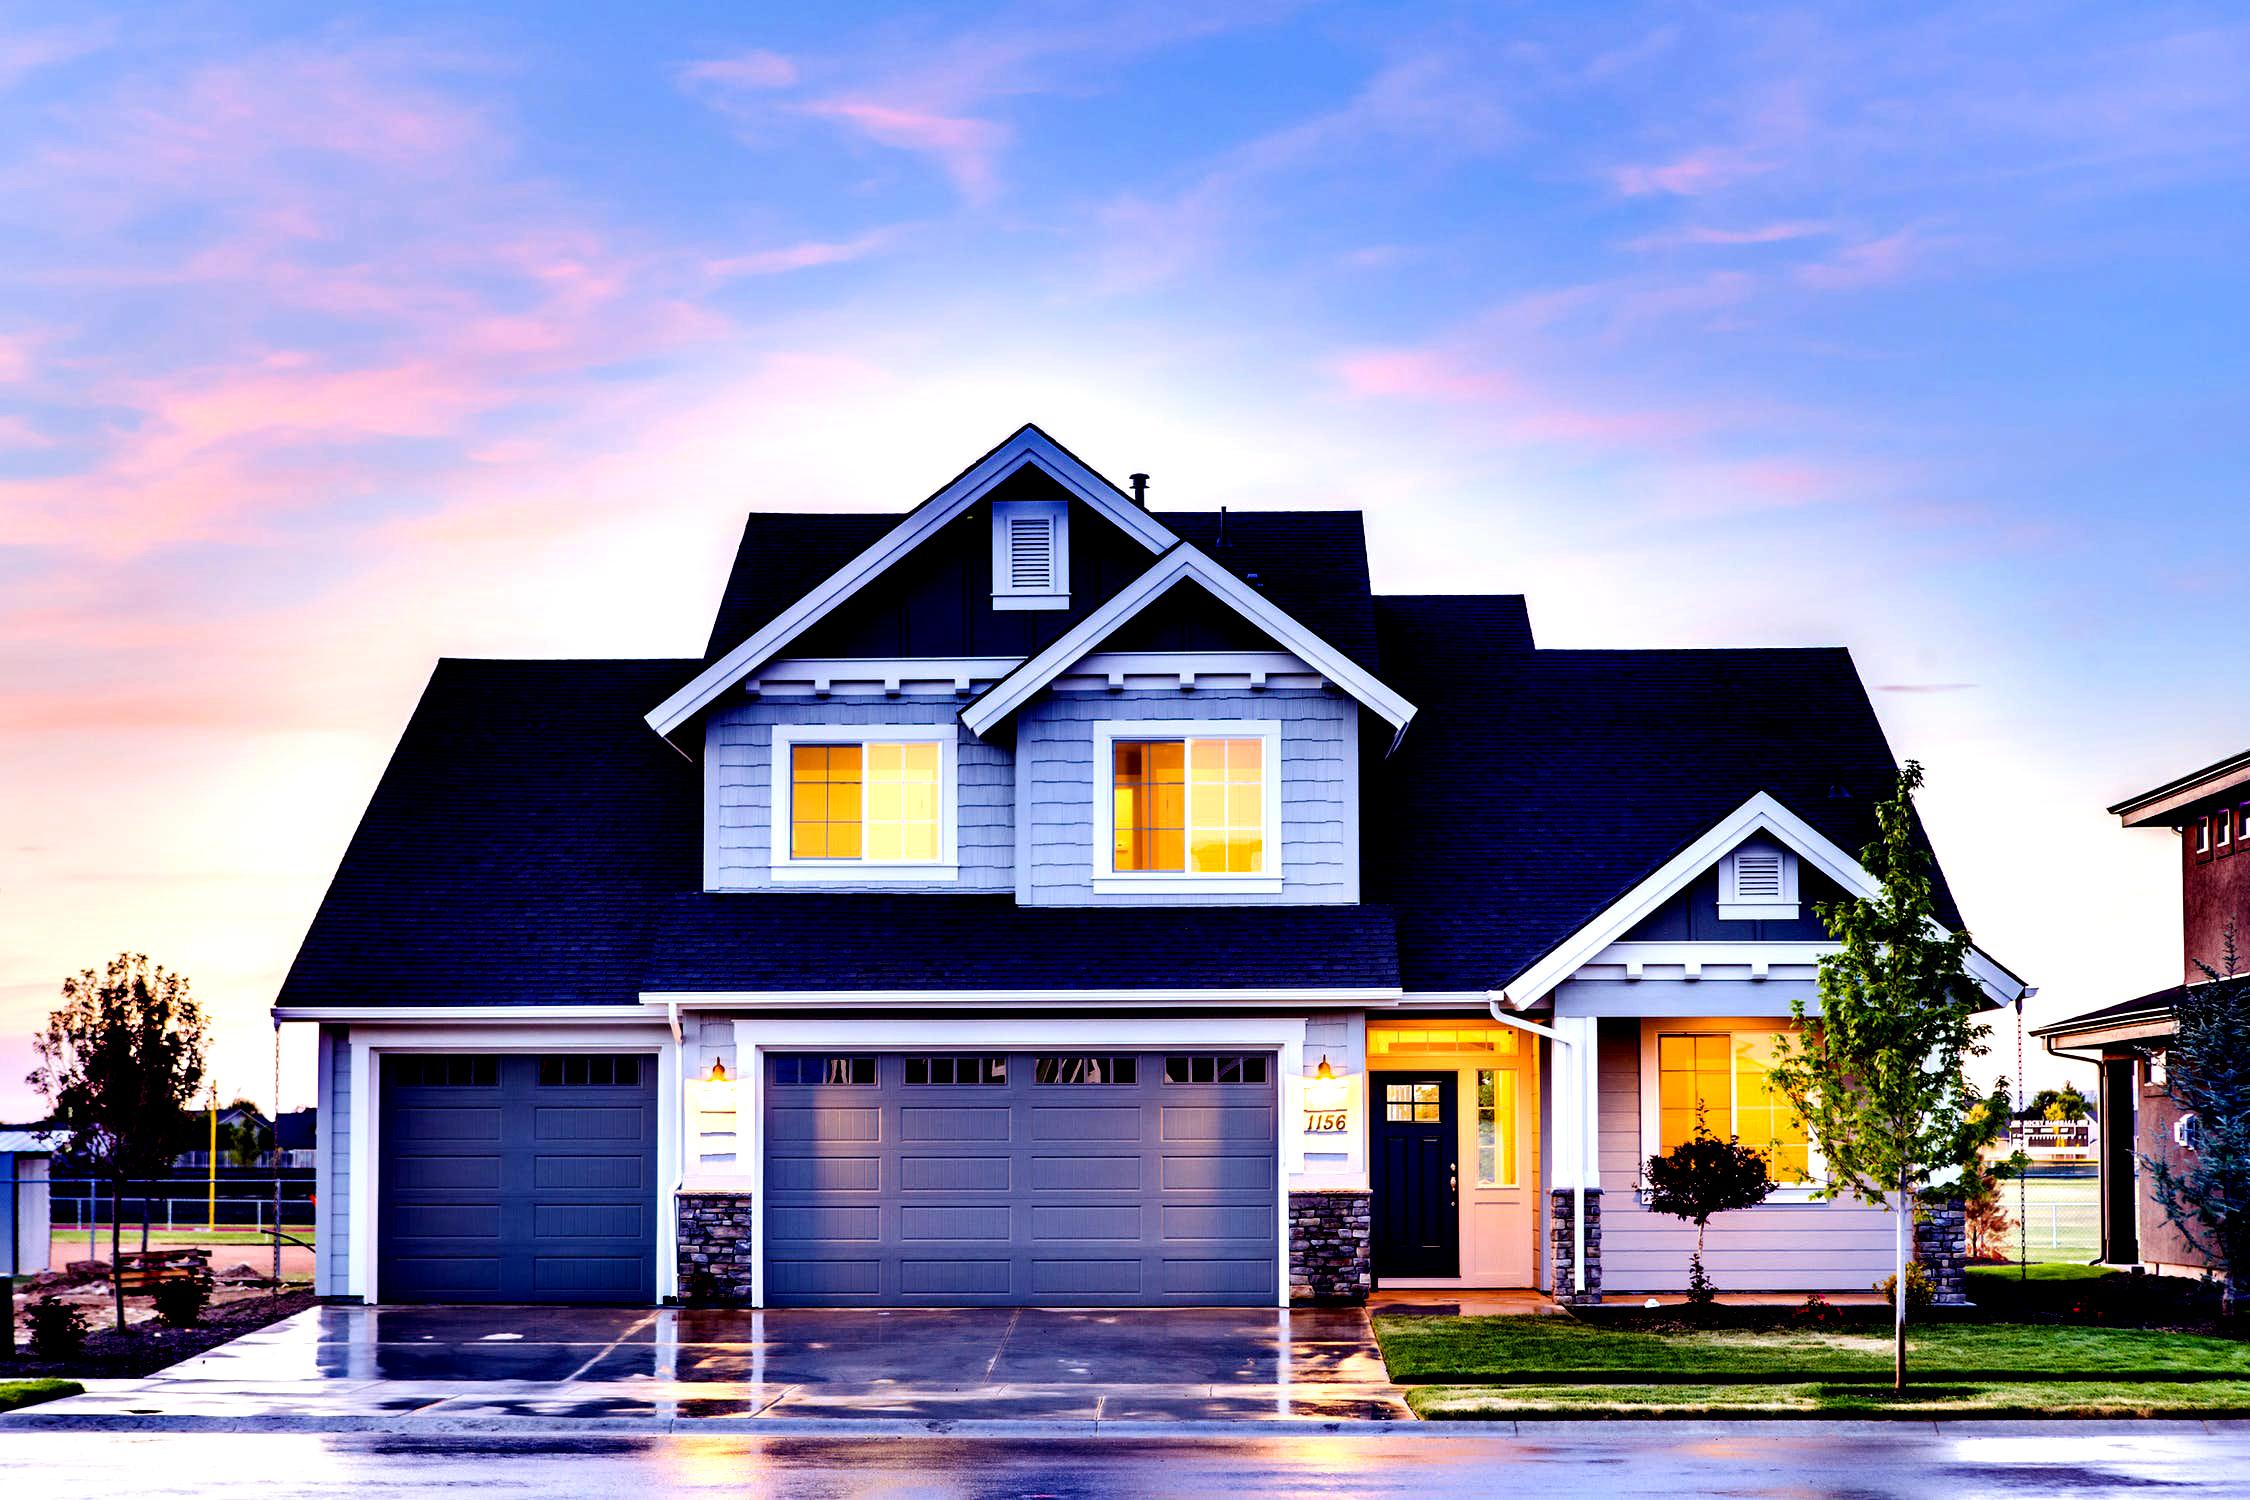 Veşti bune pentru românii care vor să achiziţioneze o locuintă: Se schimbă radical regulile pe piaţa imobiliară